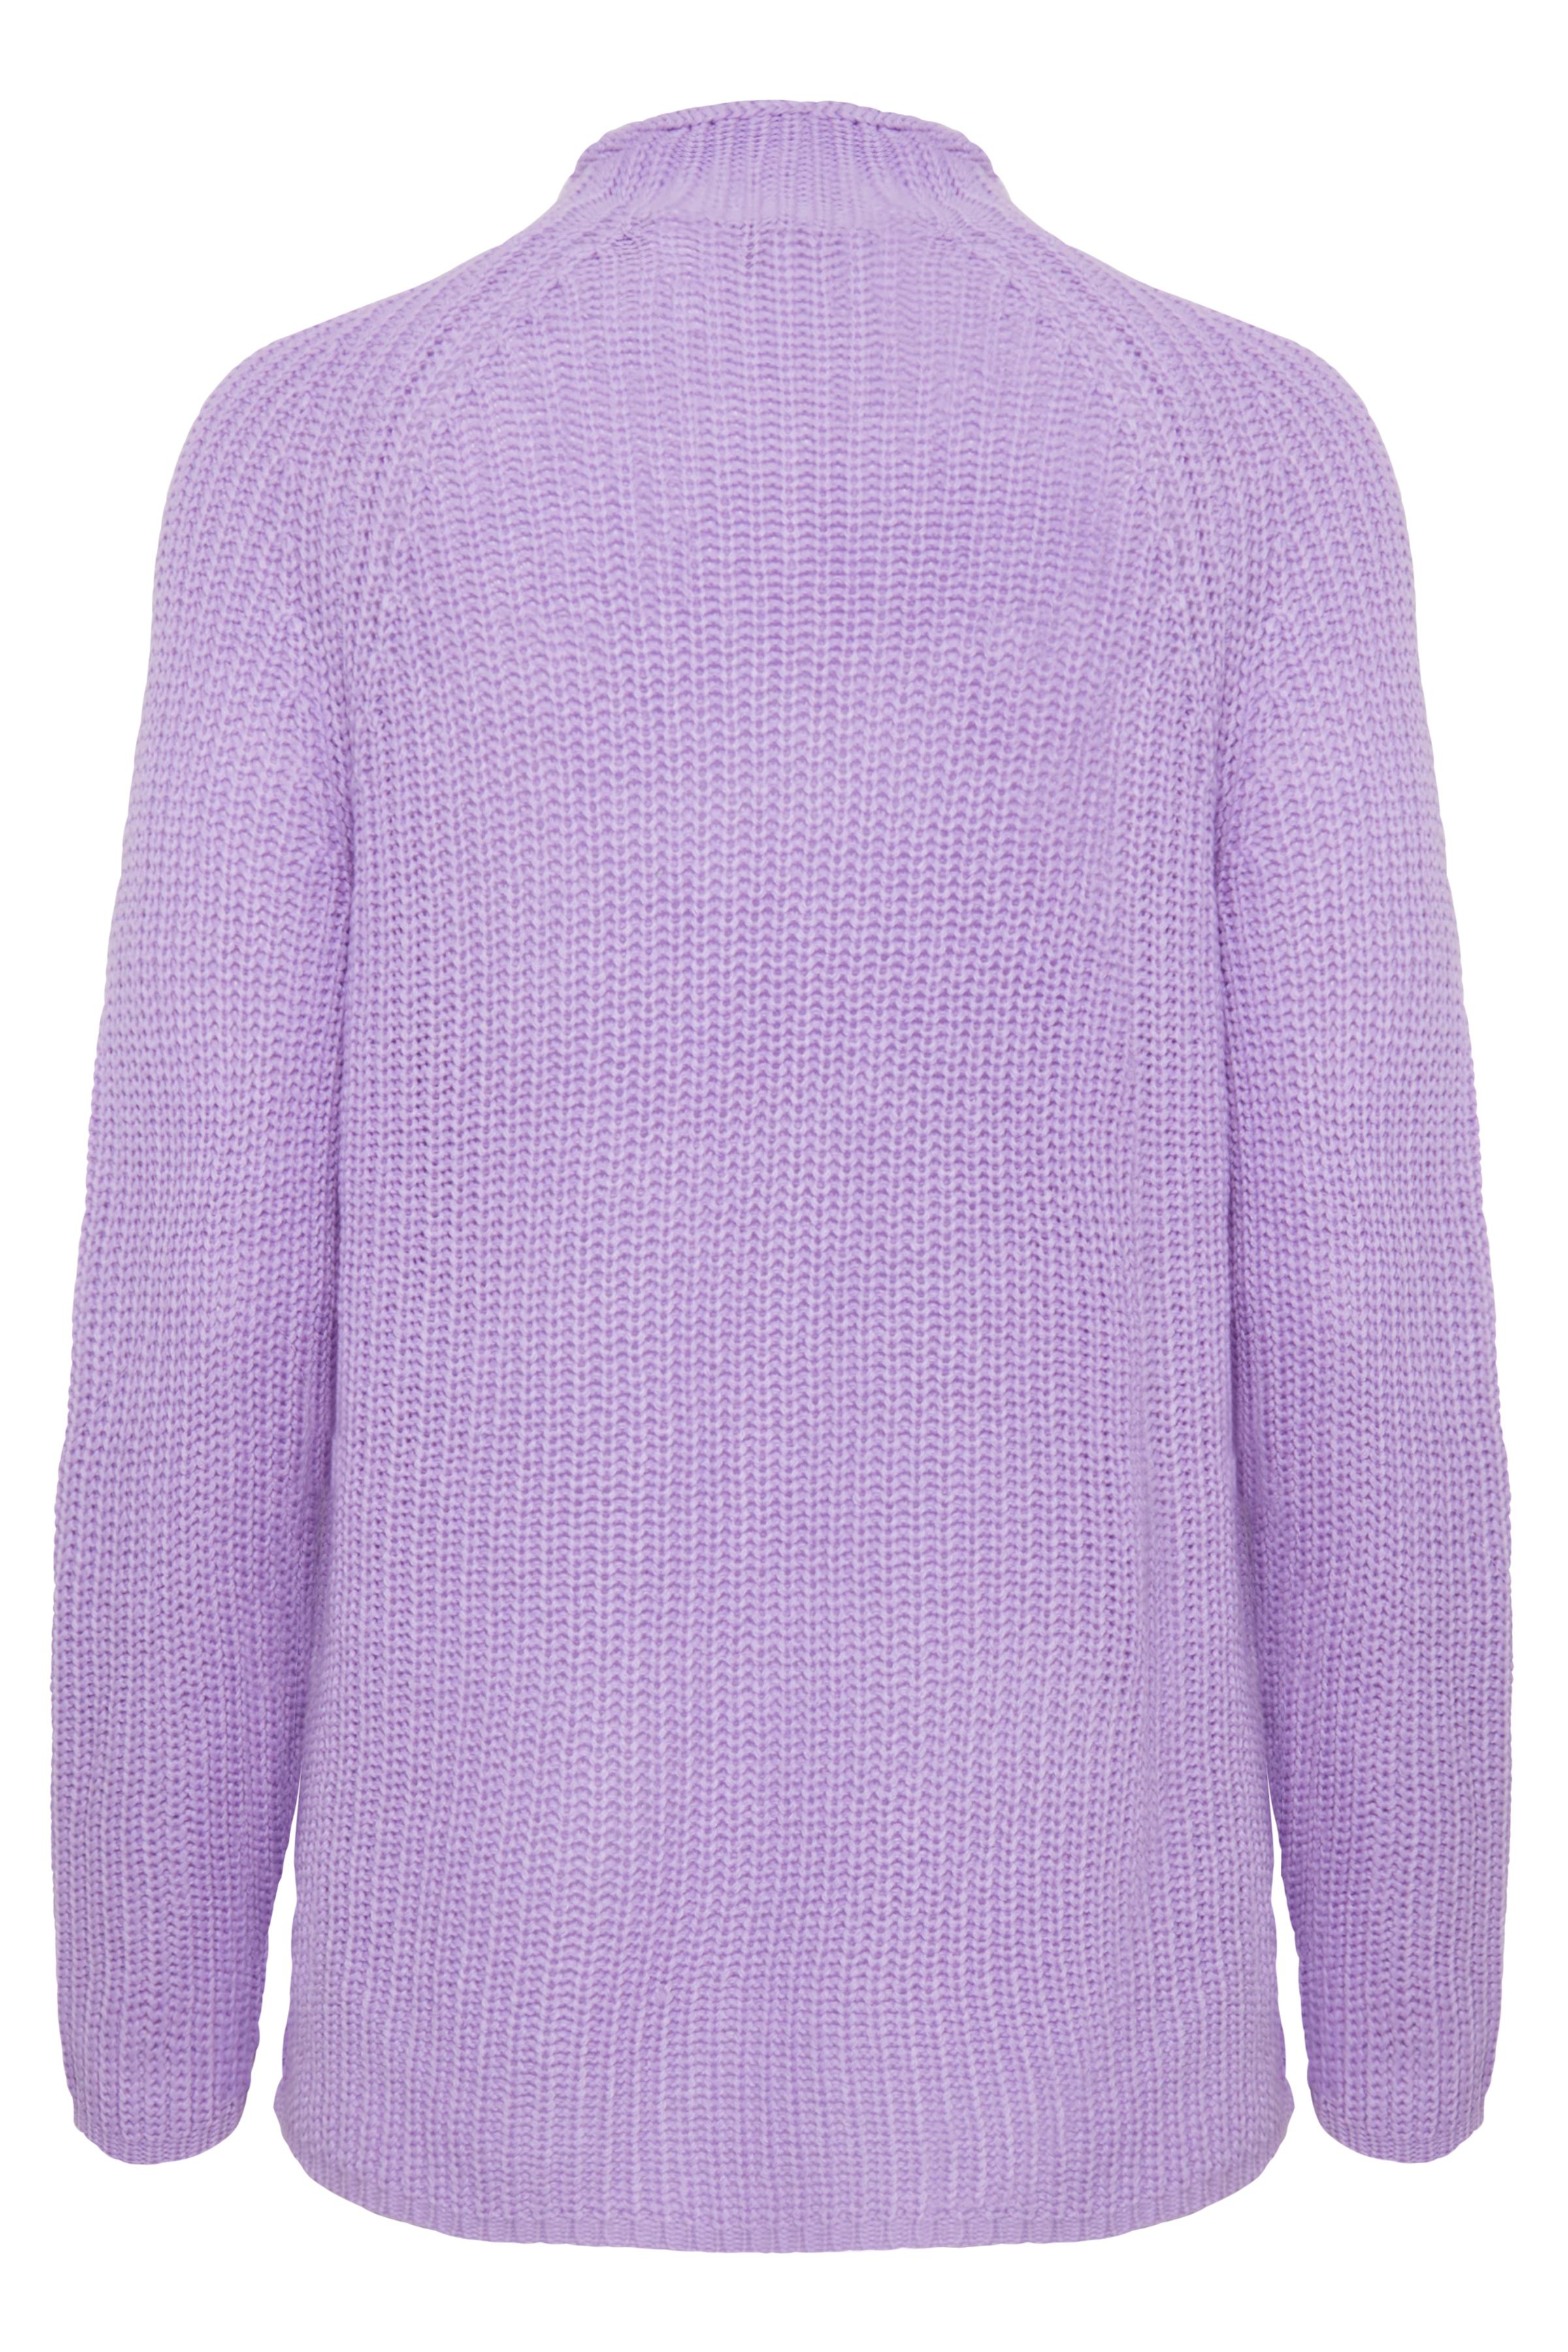 Violet Tulip Stickad pullover från b.young – Köp Violet Tulip Stickad pullover från storlek XS-XXL här